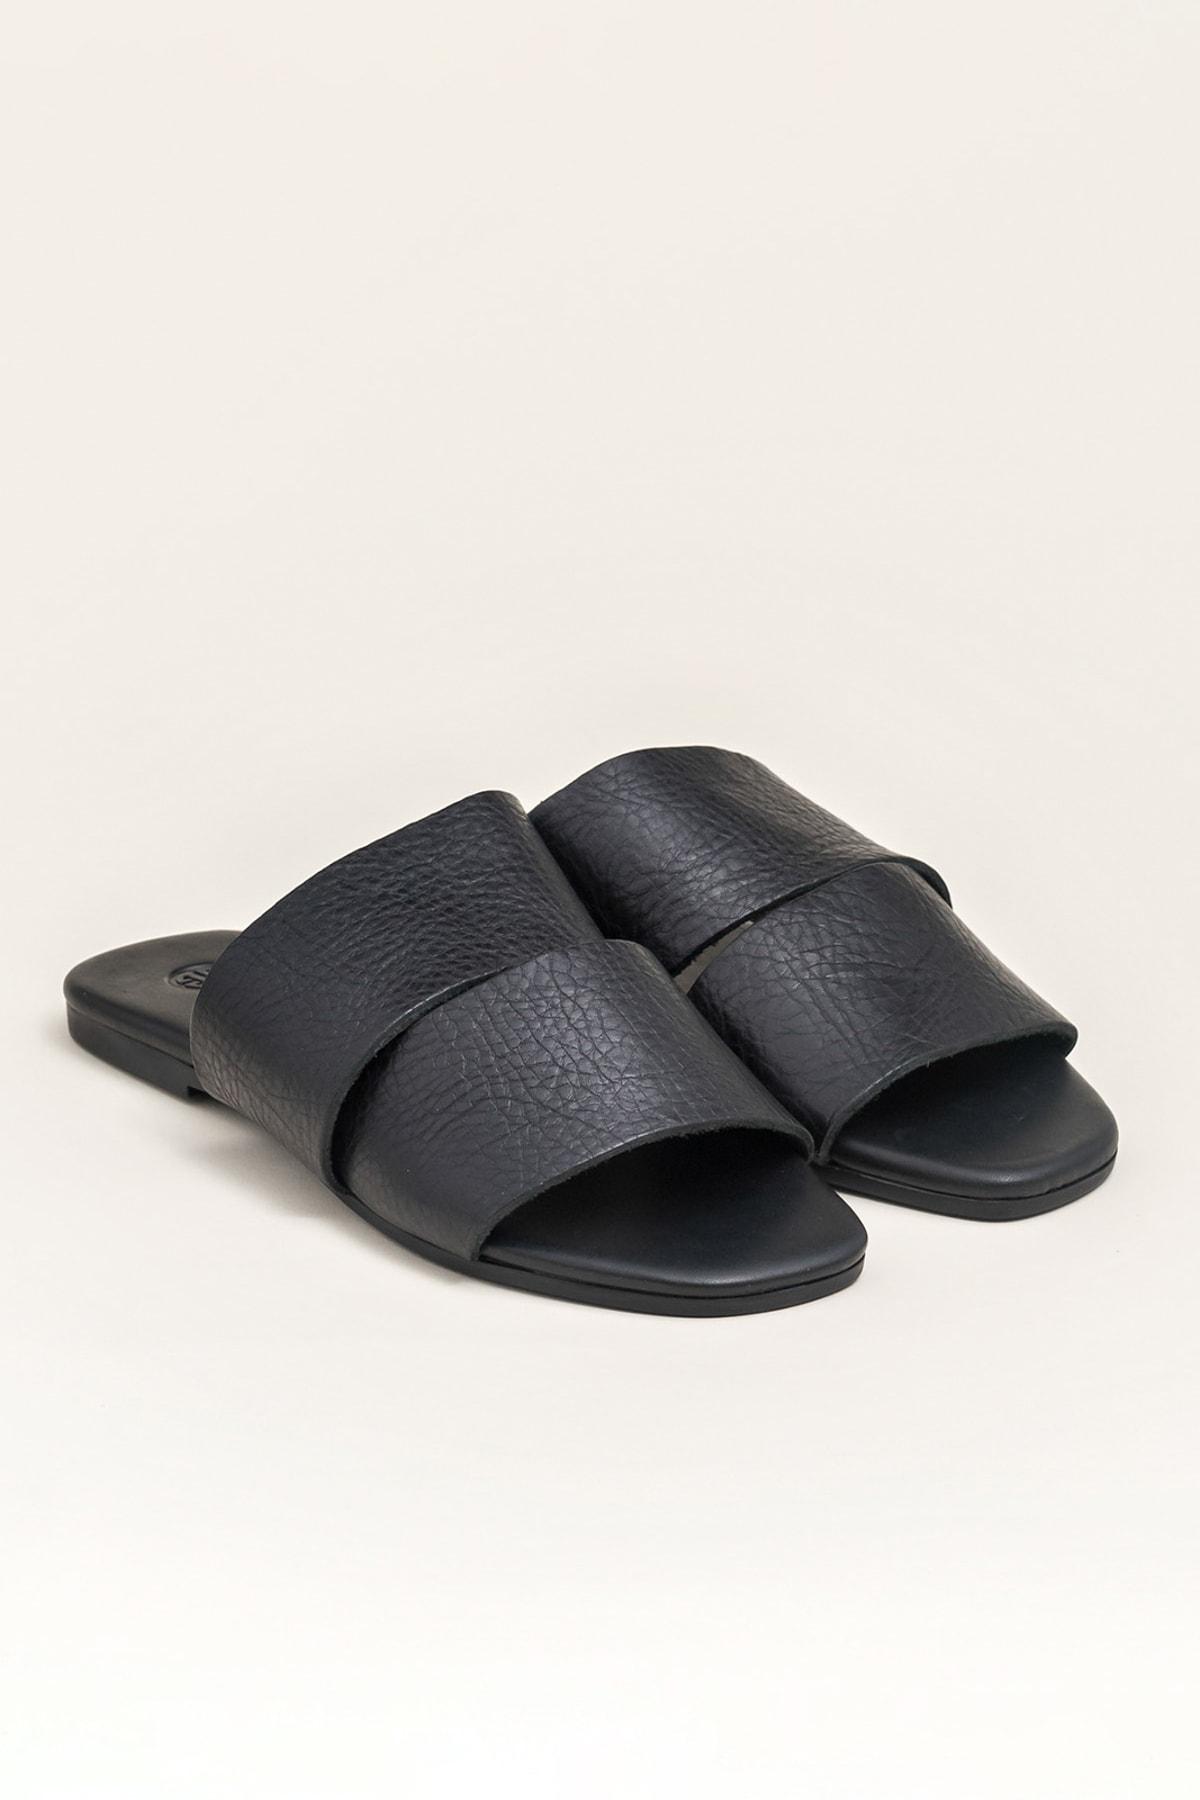 Elle Shoes CAMA Hakiki Deri Siyah Kadın Terlik 2